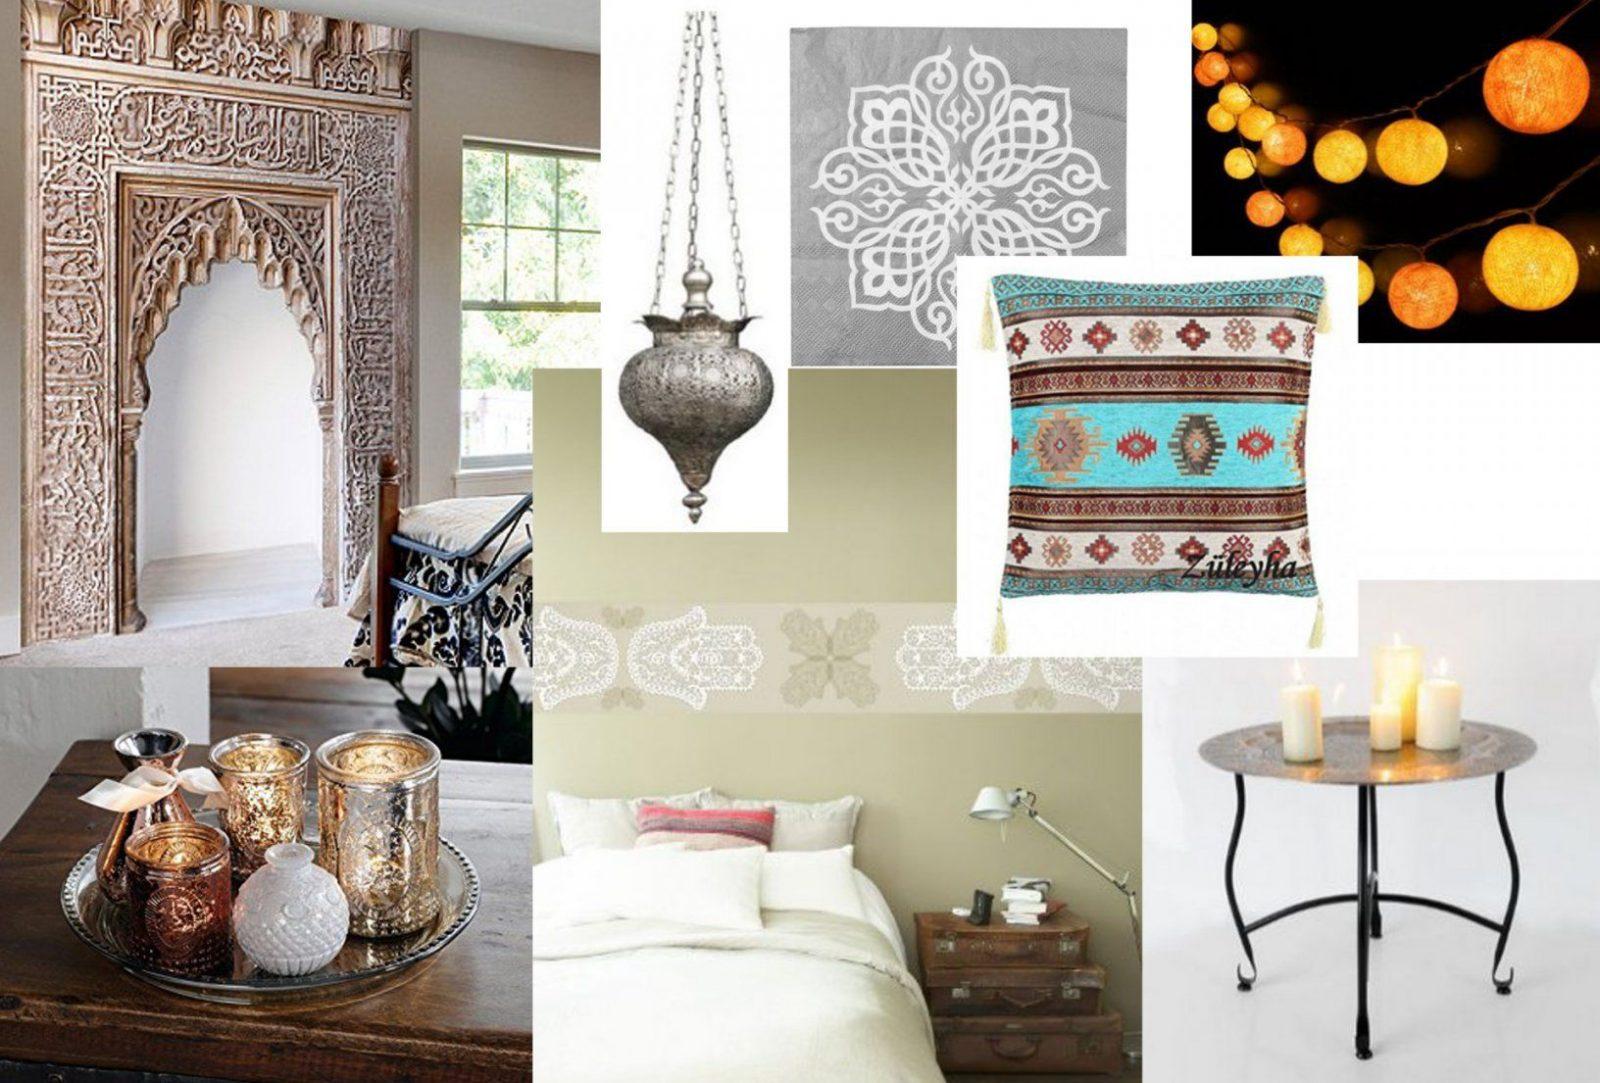 1001 Nacht Schlafzimmer Orientalisch Einrichten  Ahoipopoiblog von Studentenzimmer Einrichten Schöner Wohnen Bild